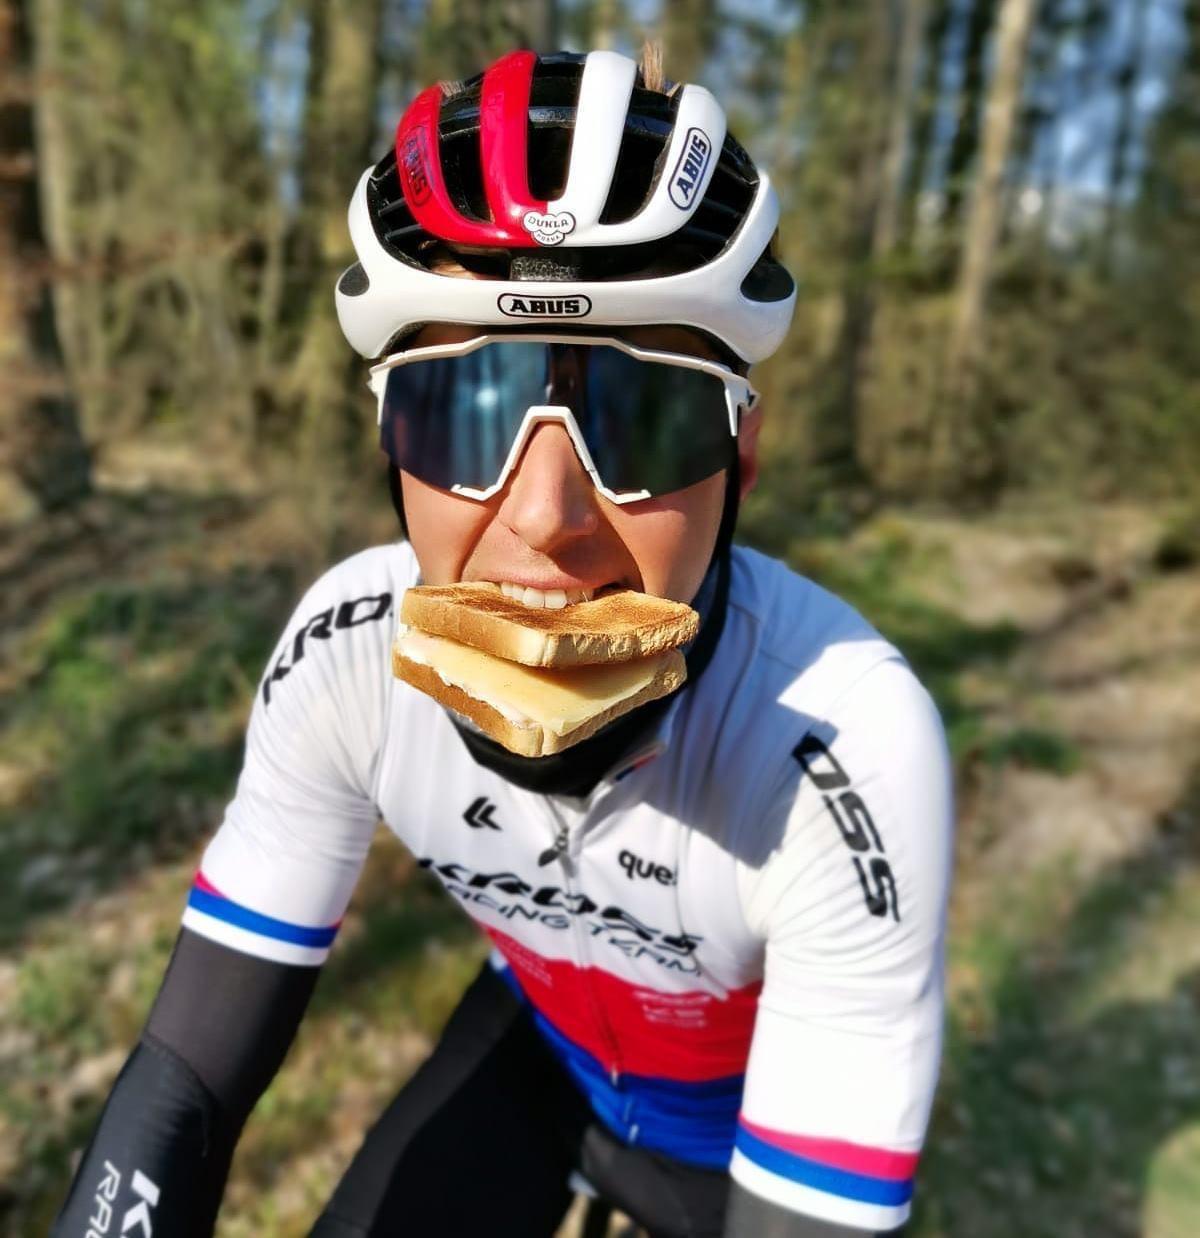 Ondřej Cink, český reprezentační biker, pravidelně vyráží na trénink se sendviči v kapse. Foto: archiv Ondřeje Cinka